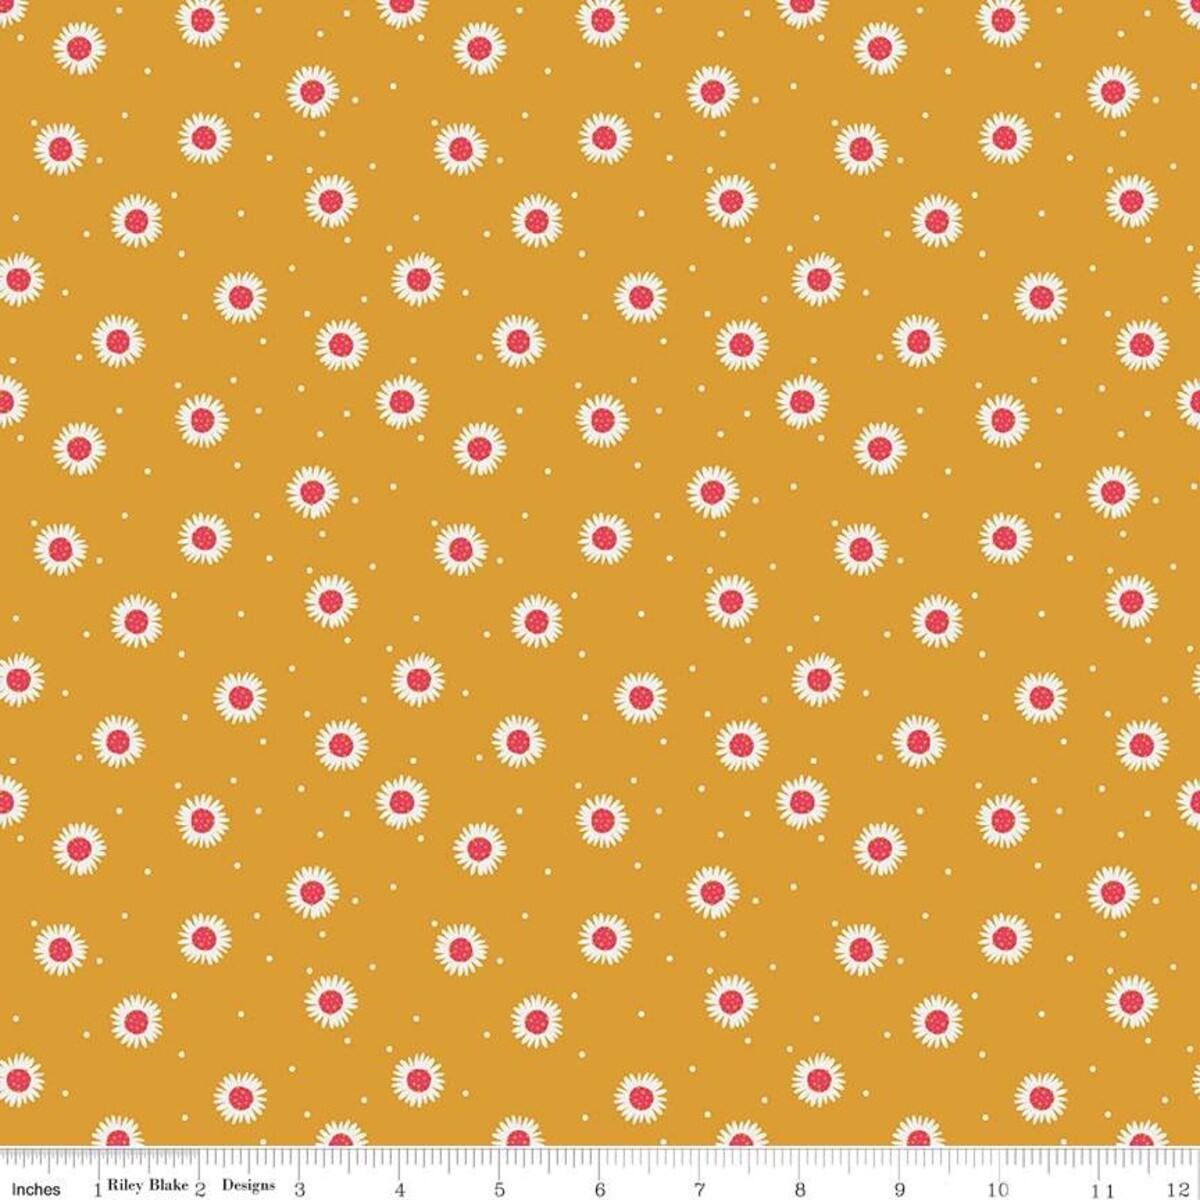 Golden Aster - Daisy Mustard